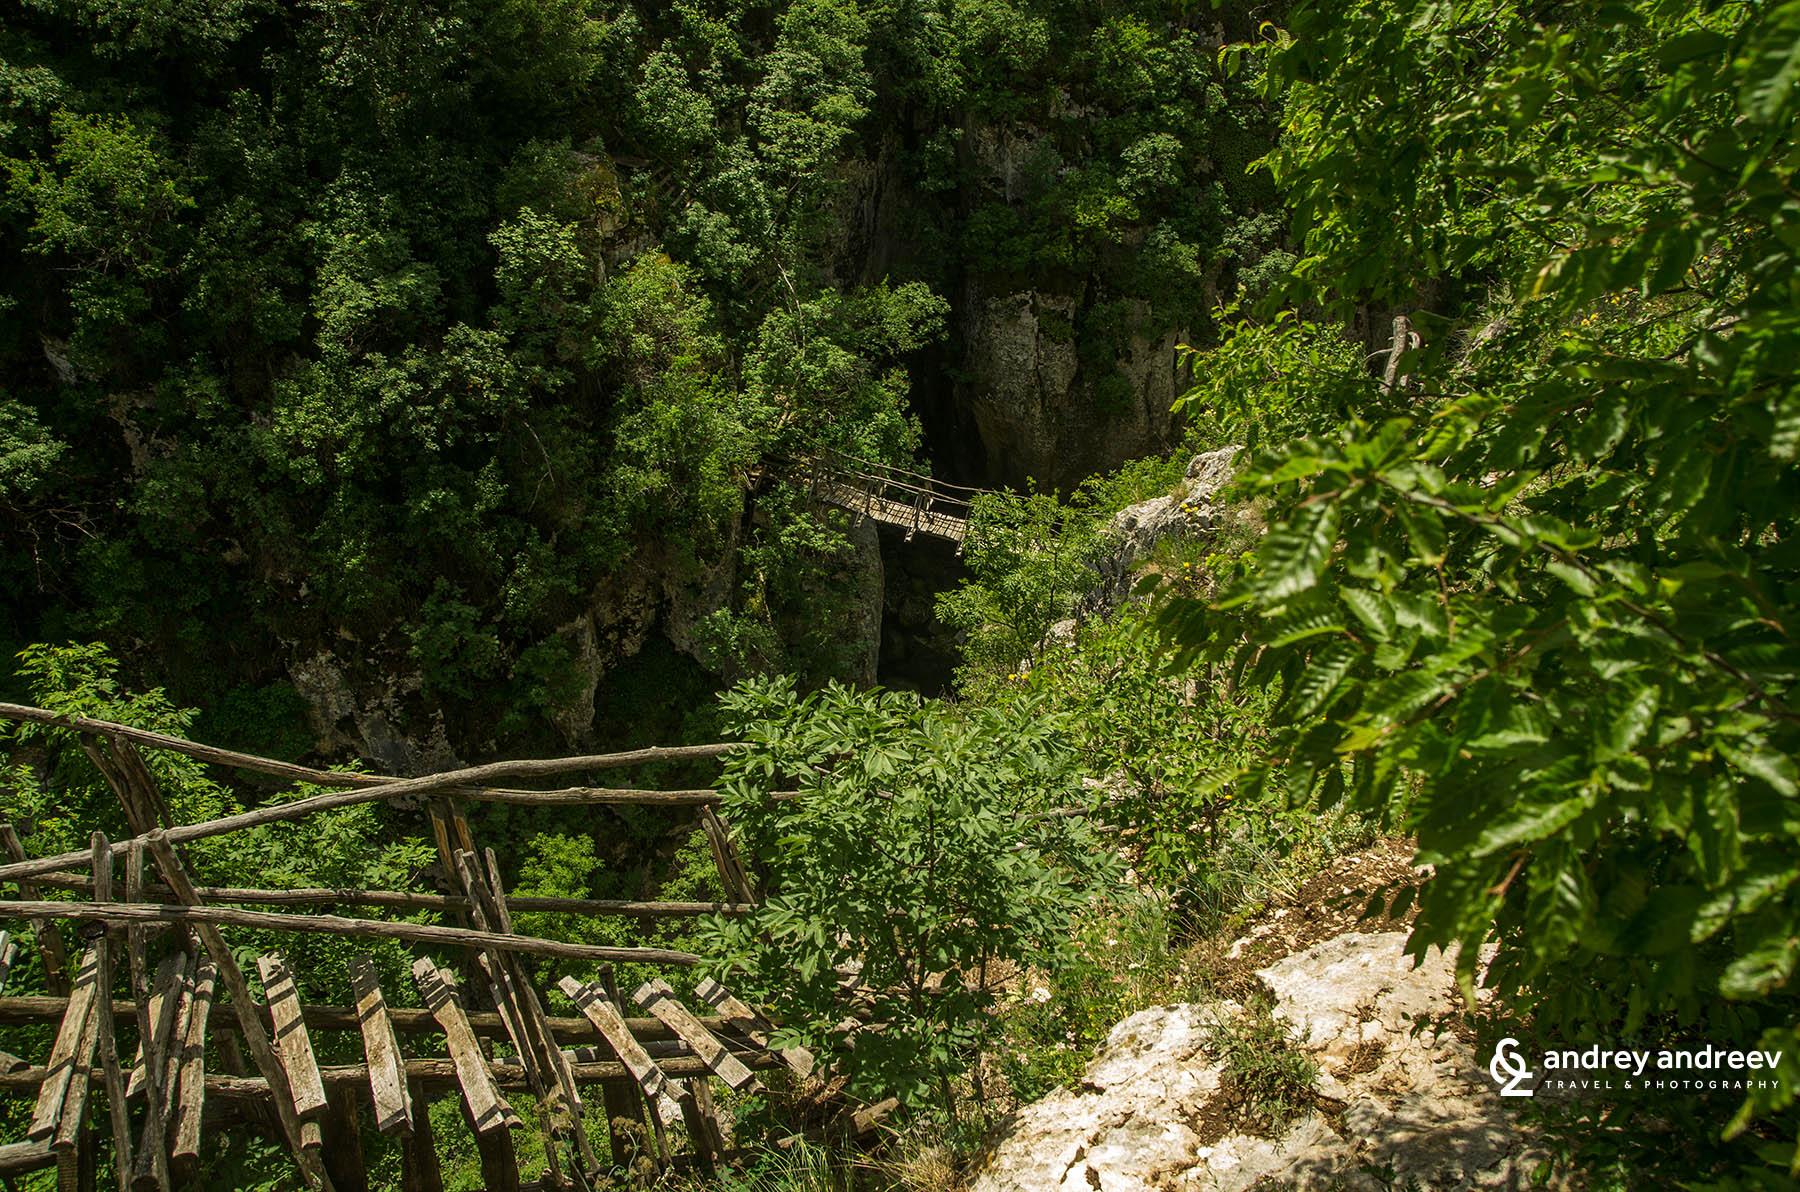 Еменска екопътека / Emen Eco-path